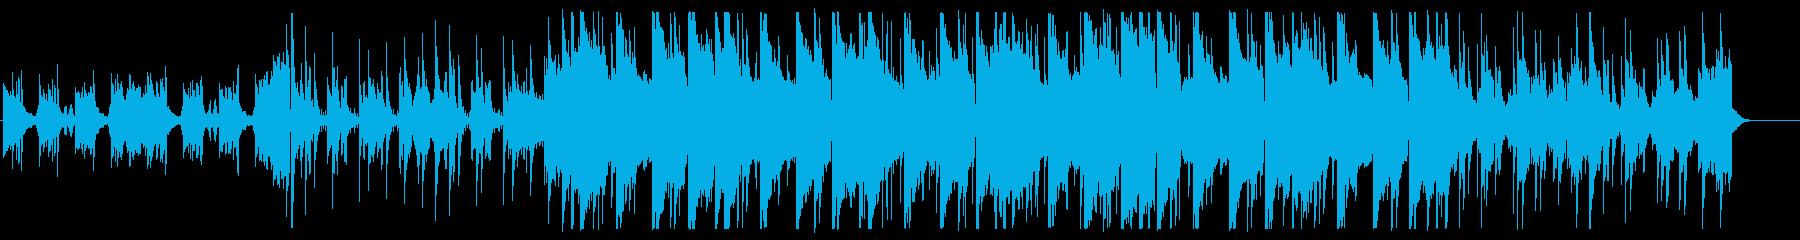 アンビエントな静けさのかわいいBGMの再生済みの波形